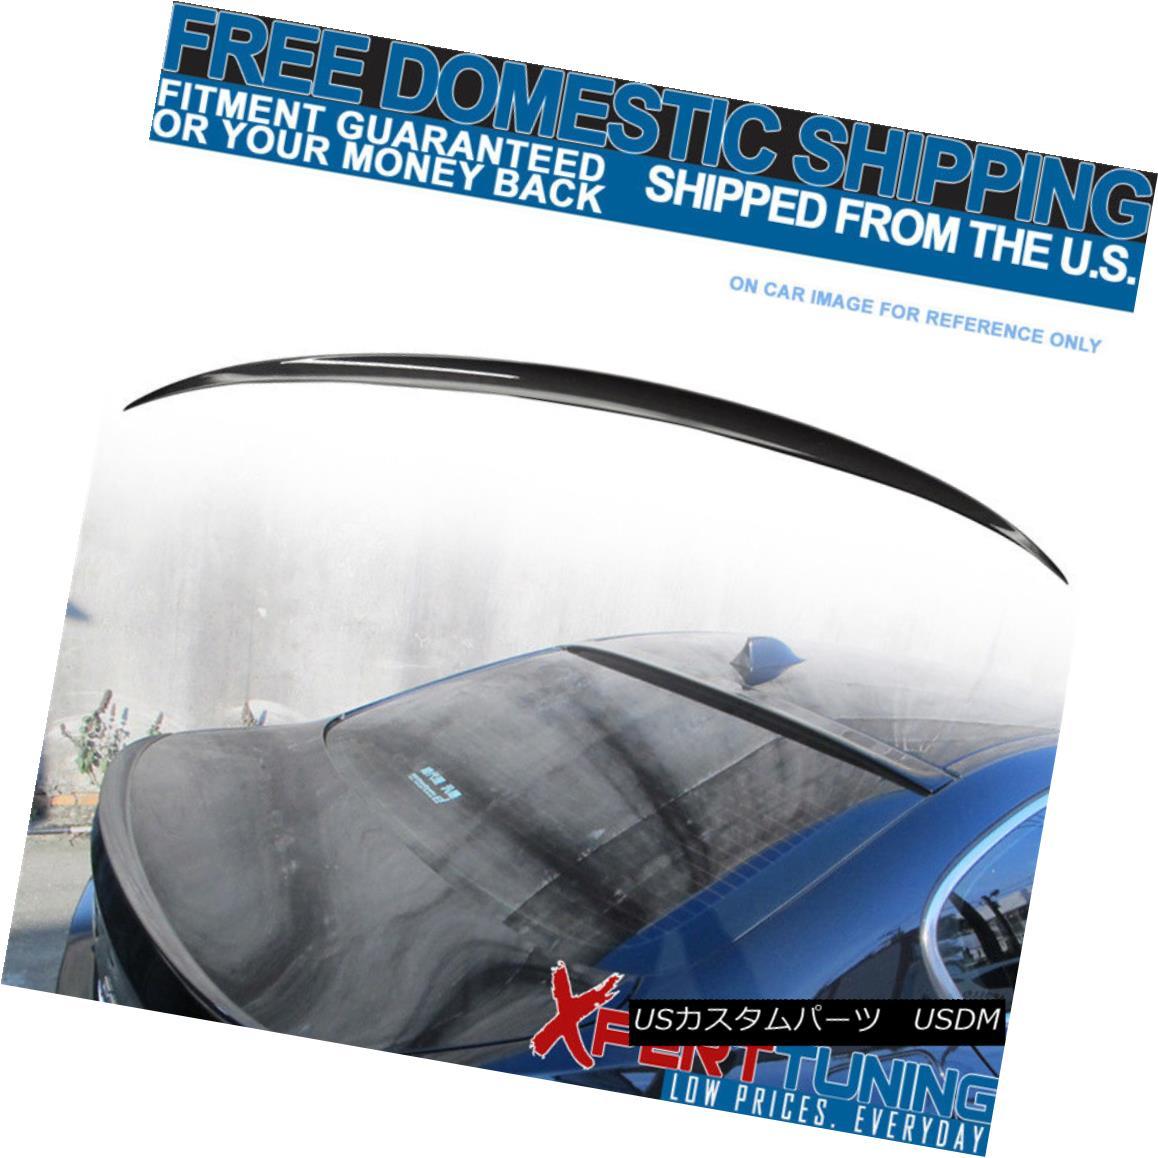 エアロパーツ Fit For 11-16 BMW 5-Series F10 4Dr Sedan M5 Style #A90 Painted Trunk Spoiler 11-16 BMW 5シリーズF10 4DrセダンM5スタイル#A90塗装トランク・スポイラー